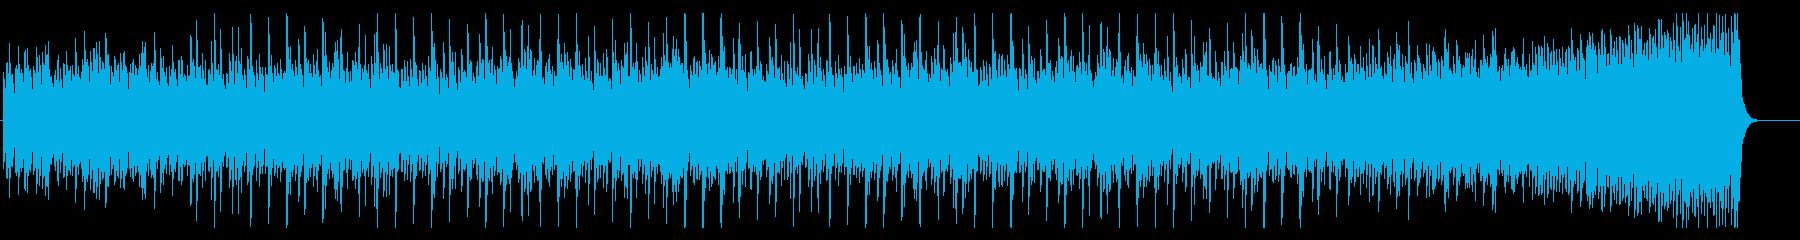 ピアノによる幾何学的フレーズの現代曲の再生済みの波形